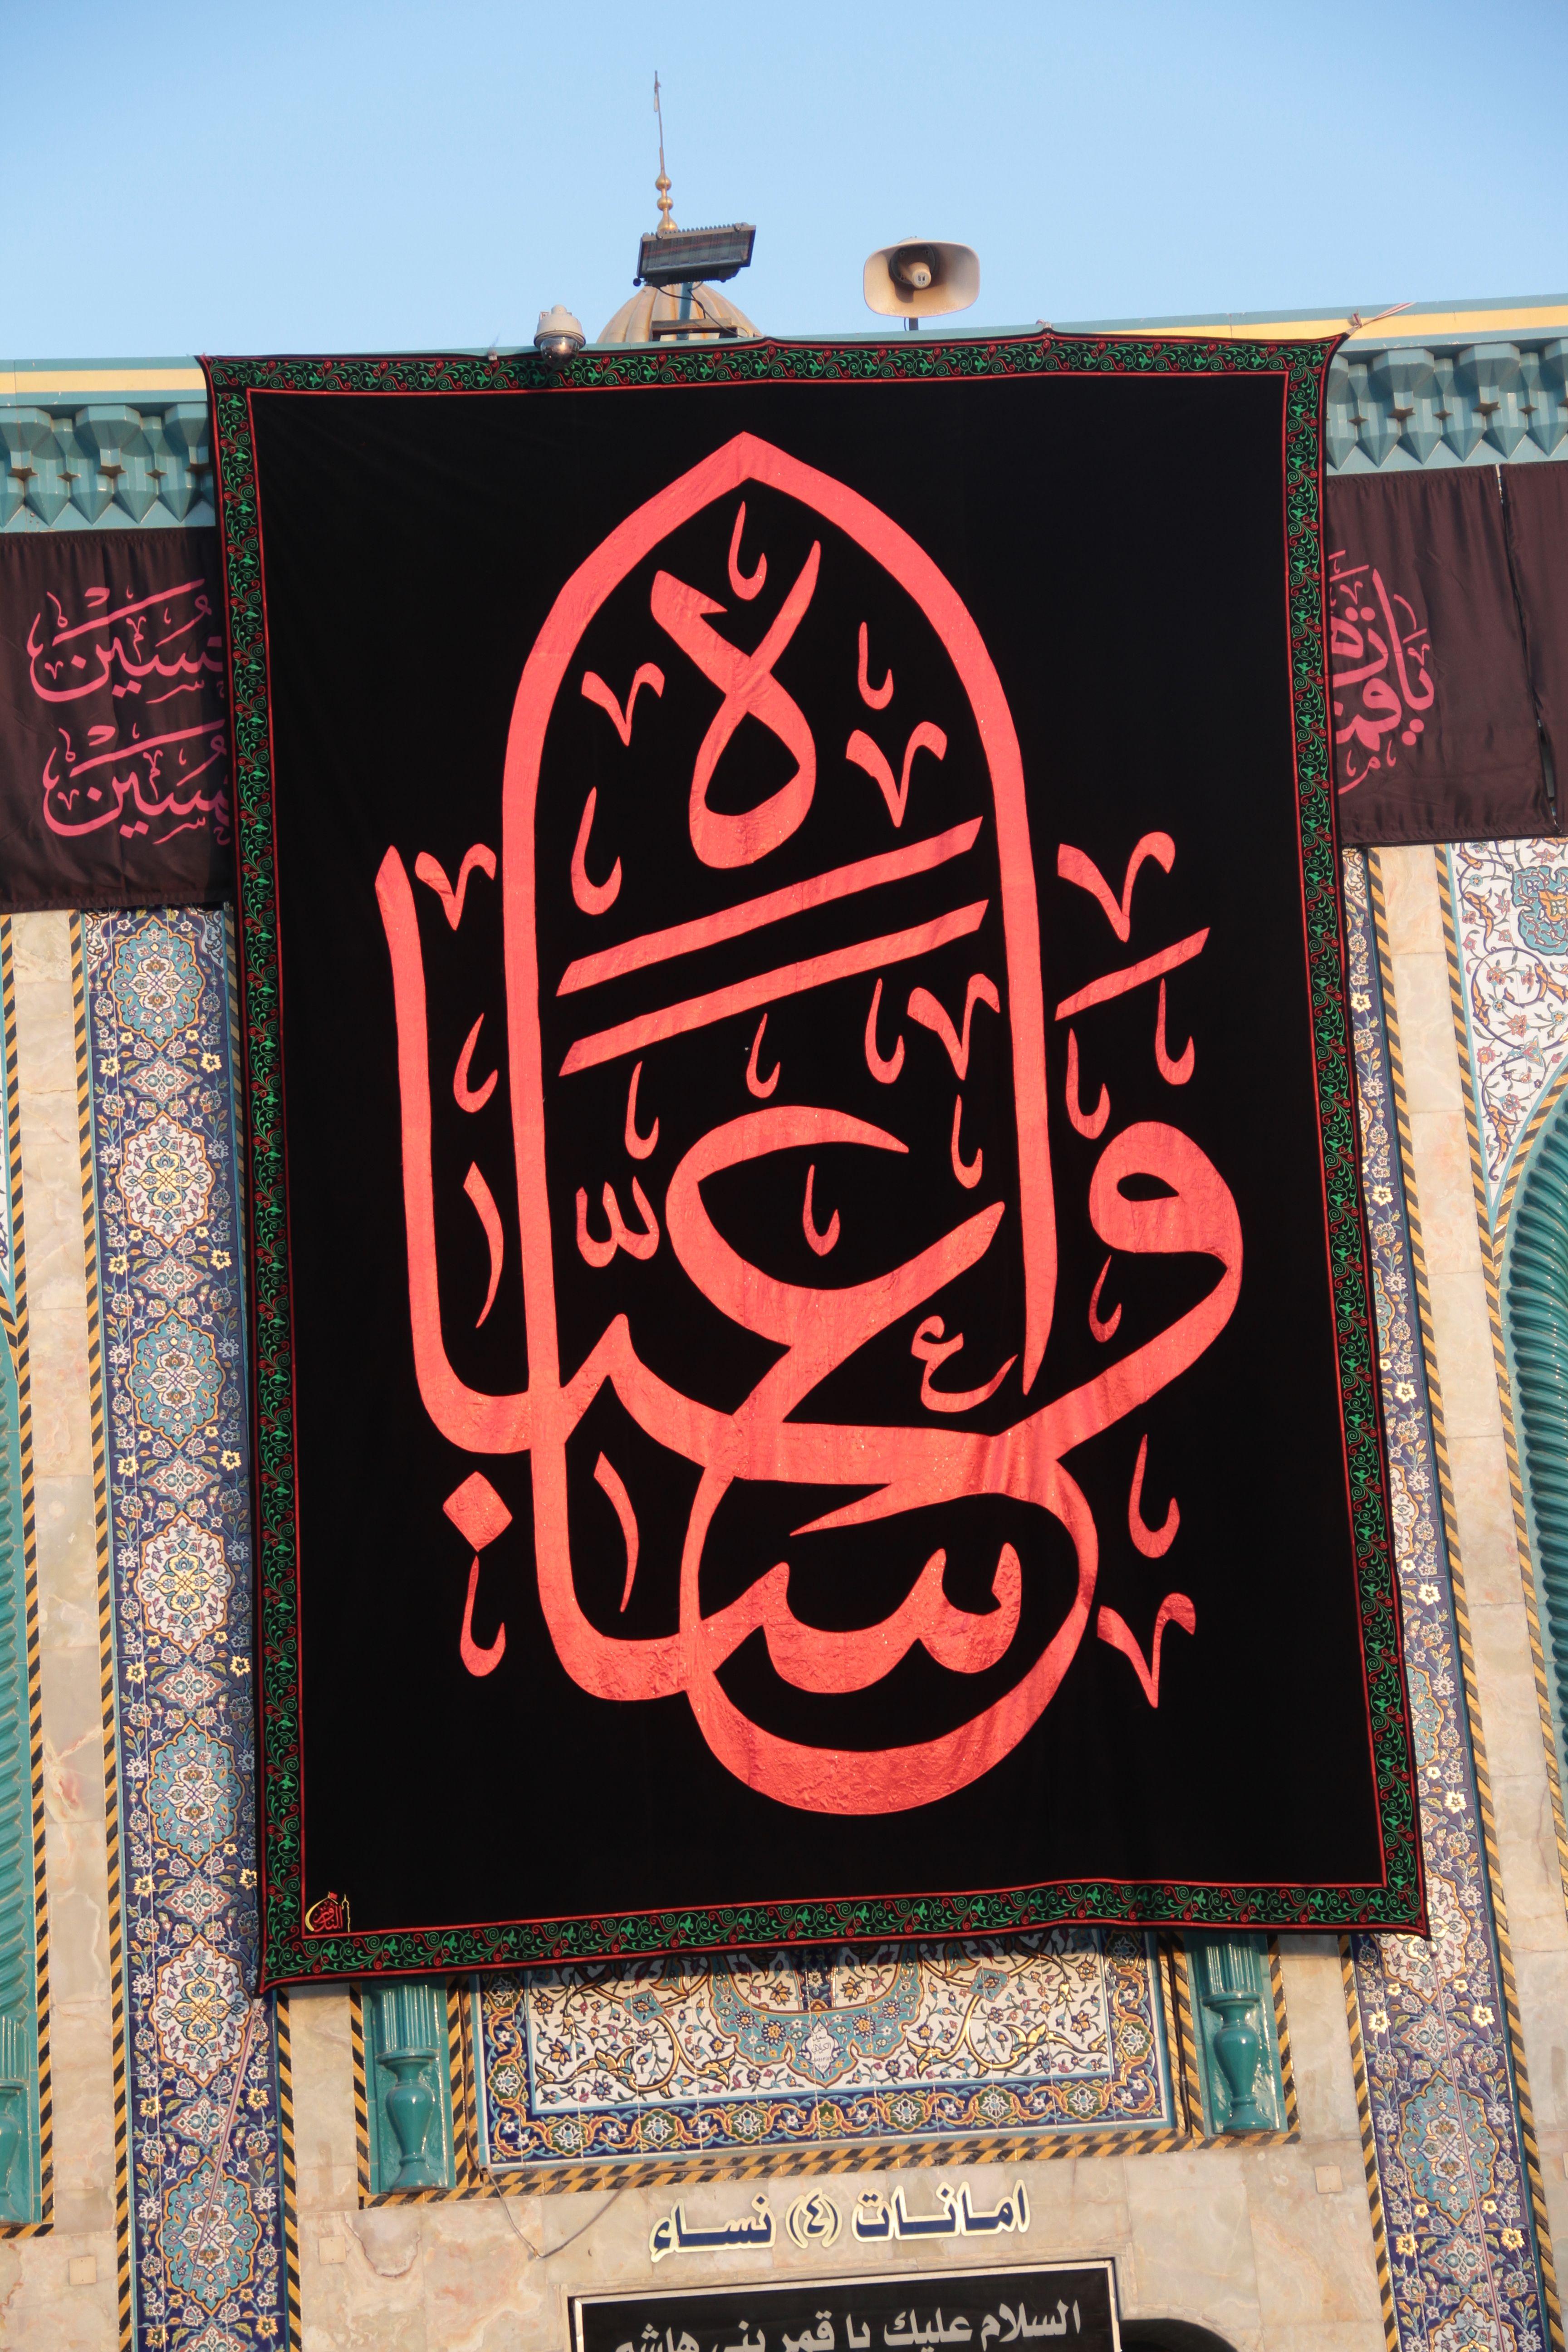 على الجدران الخارجية للعتبة العباسية المقدسة واعباساه من أعمالنا كسوة ضريح المولى أبي الفضل العباس عليه السلام في العتبة Muharram Islamic Pictures Caligraphy